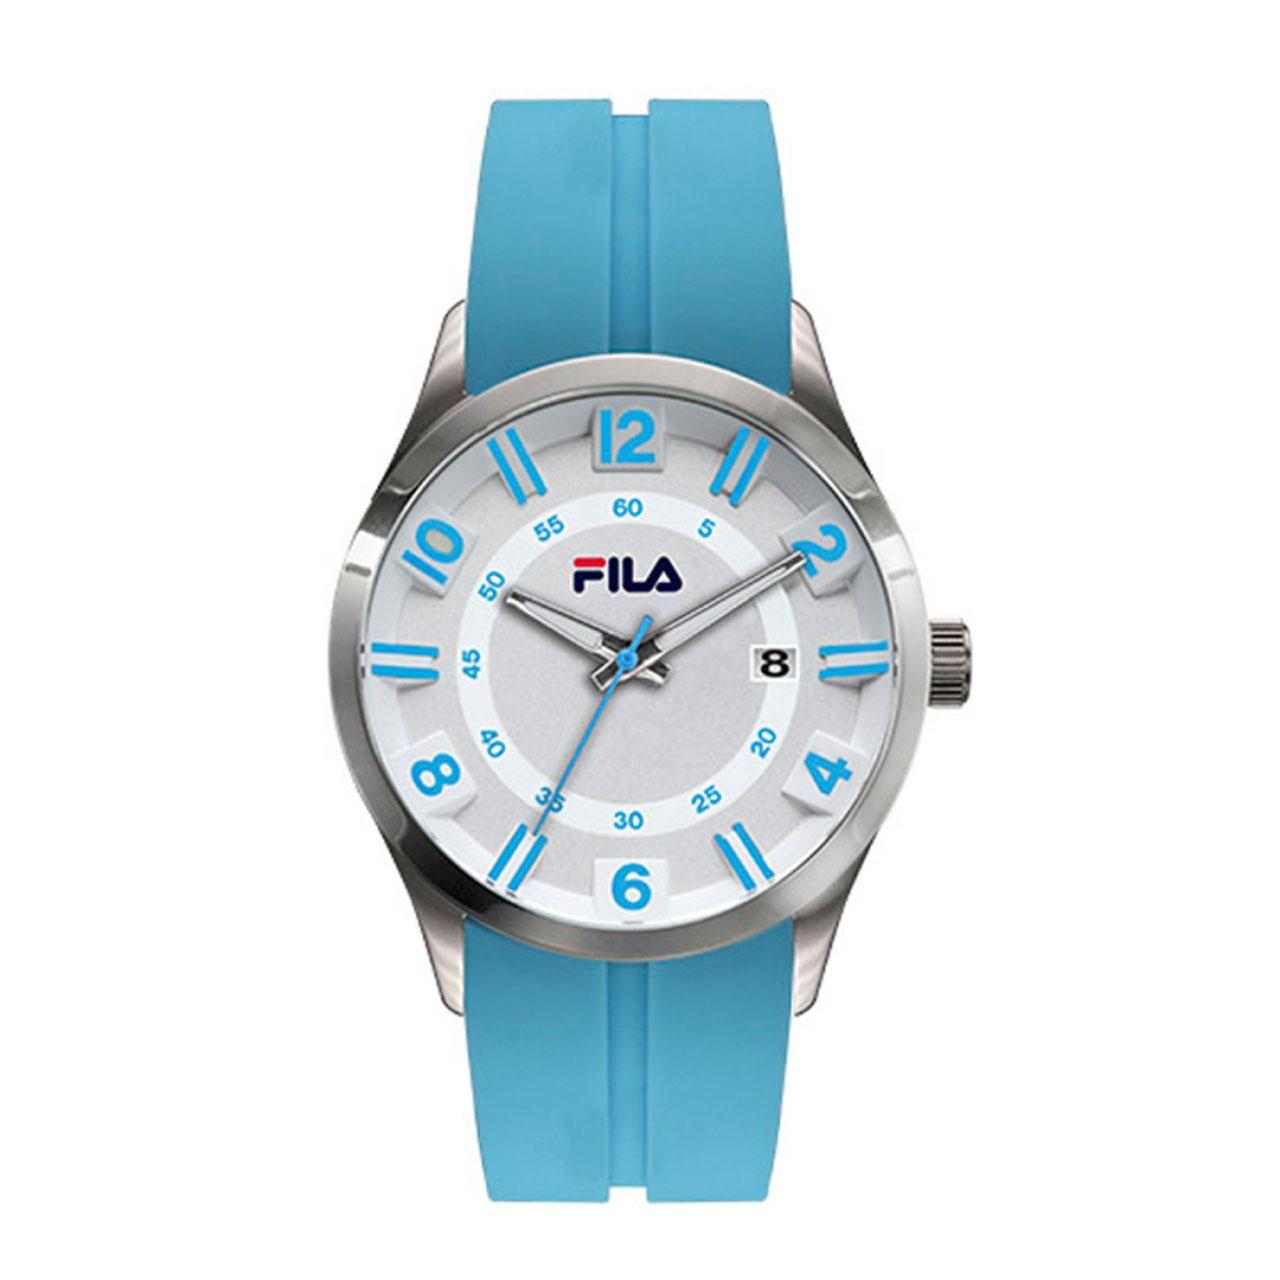 ساعت مچی عقربه ای فیلا مدل 38-064-003 36